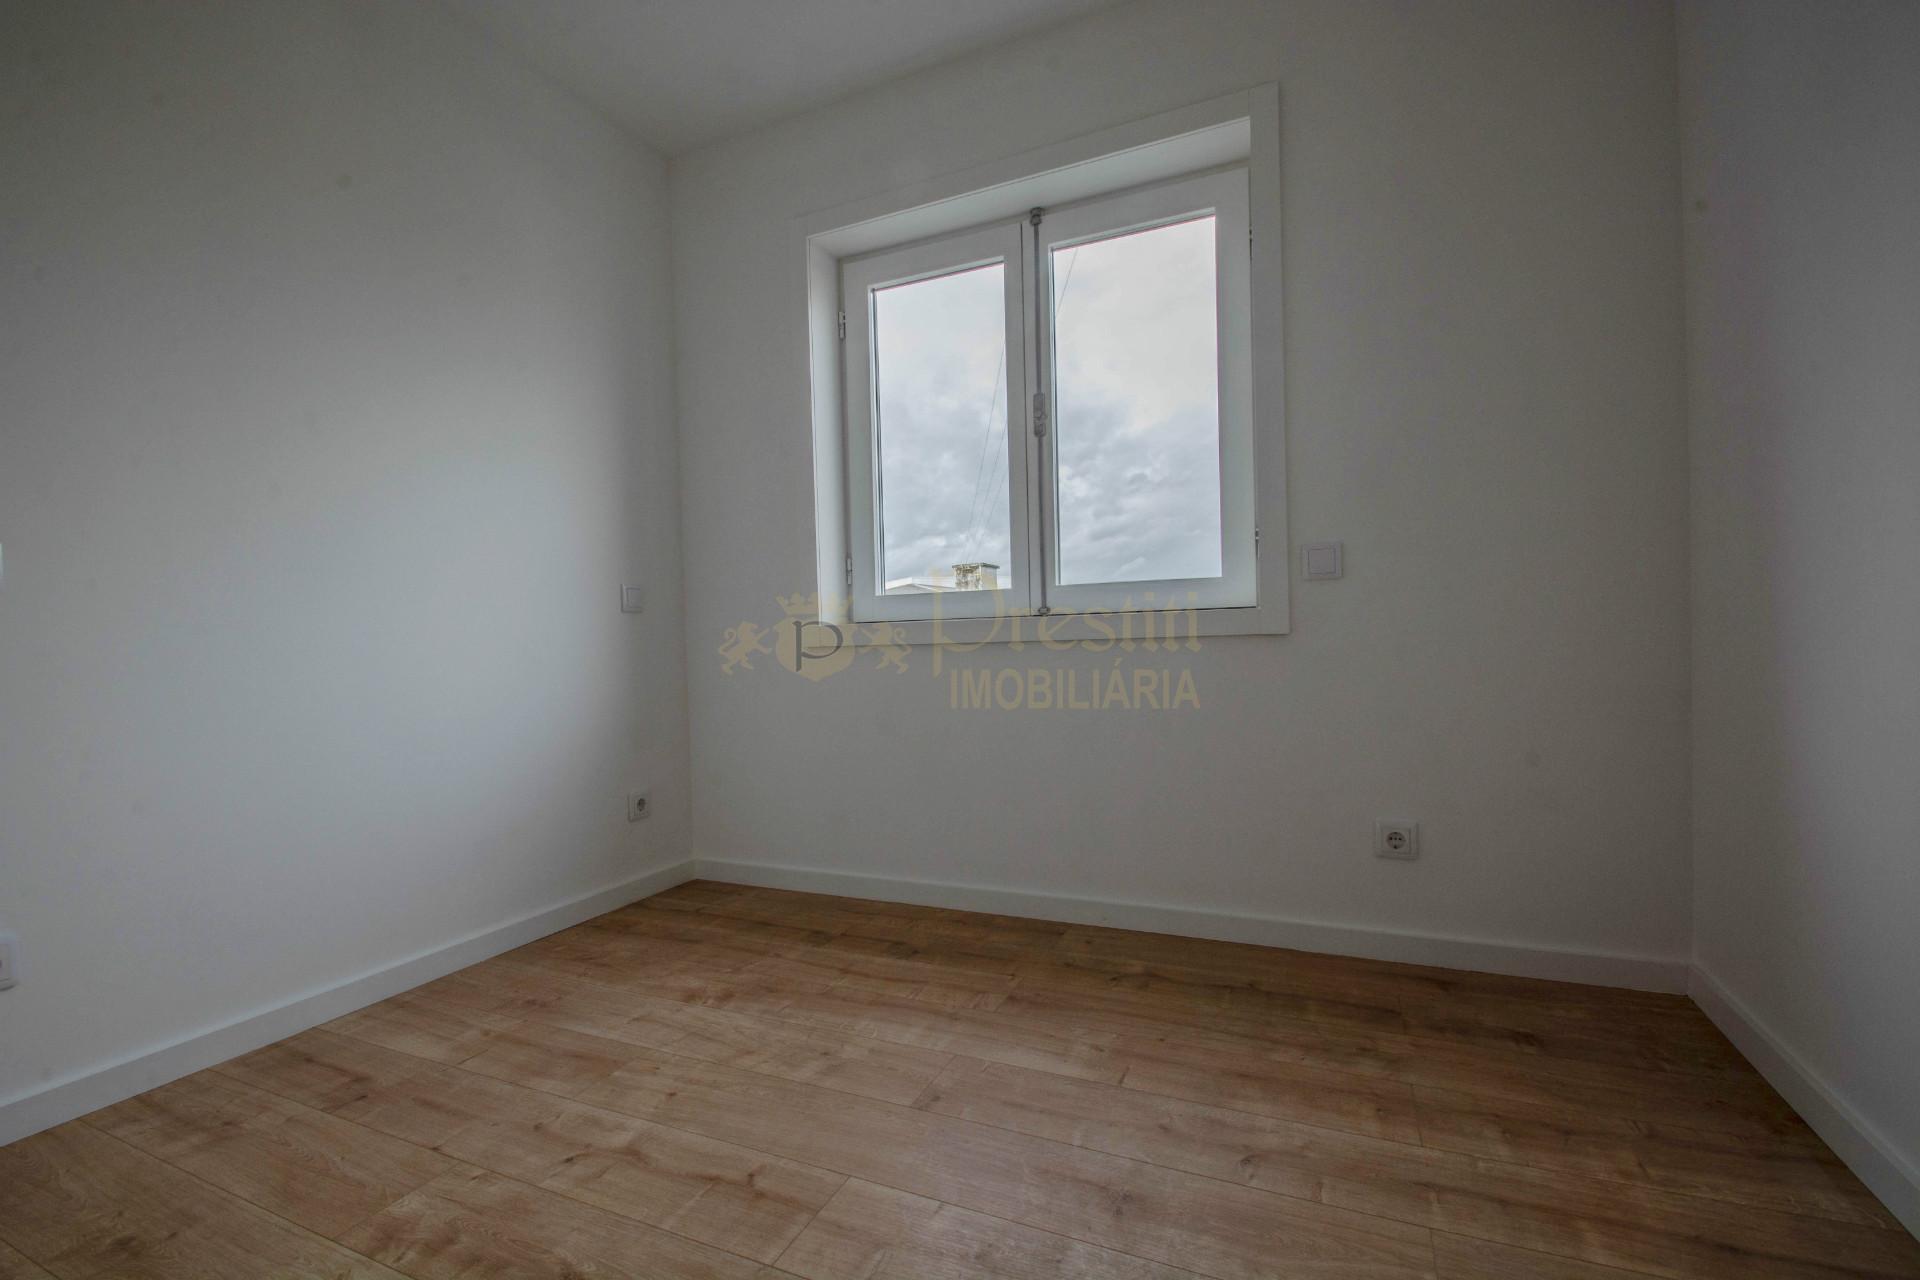 Appartement 2 chambres à louer à Guimarães